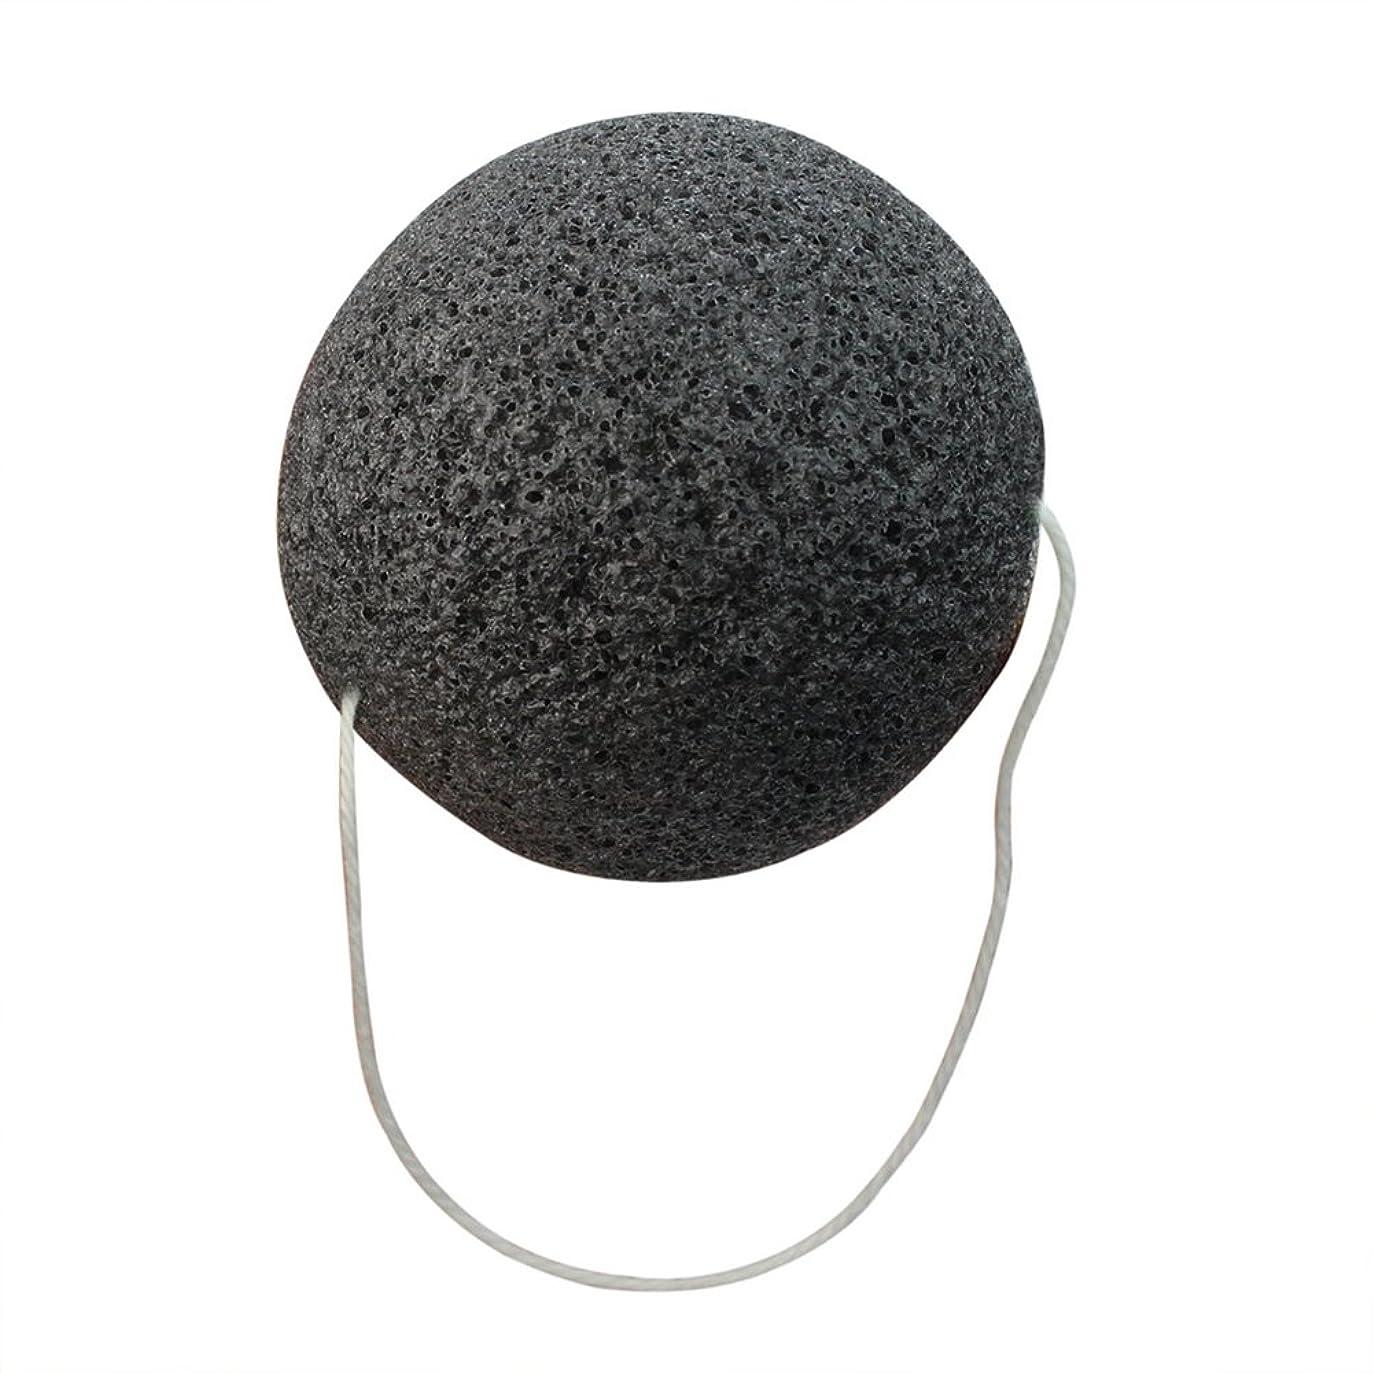 ボルトラグ公然とReFaXi  こんにゃく 天然  フェイススポンジ 海綿 洗顔パフ ブラック